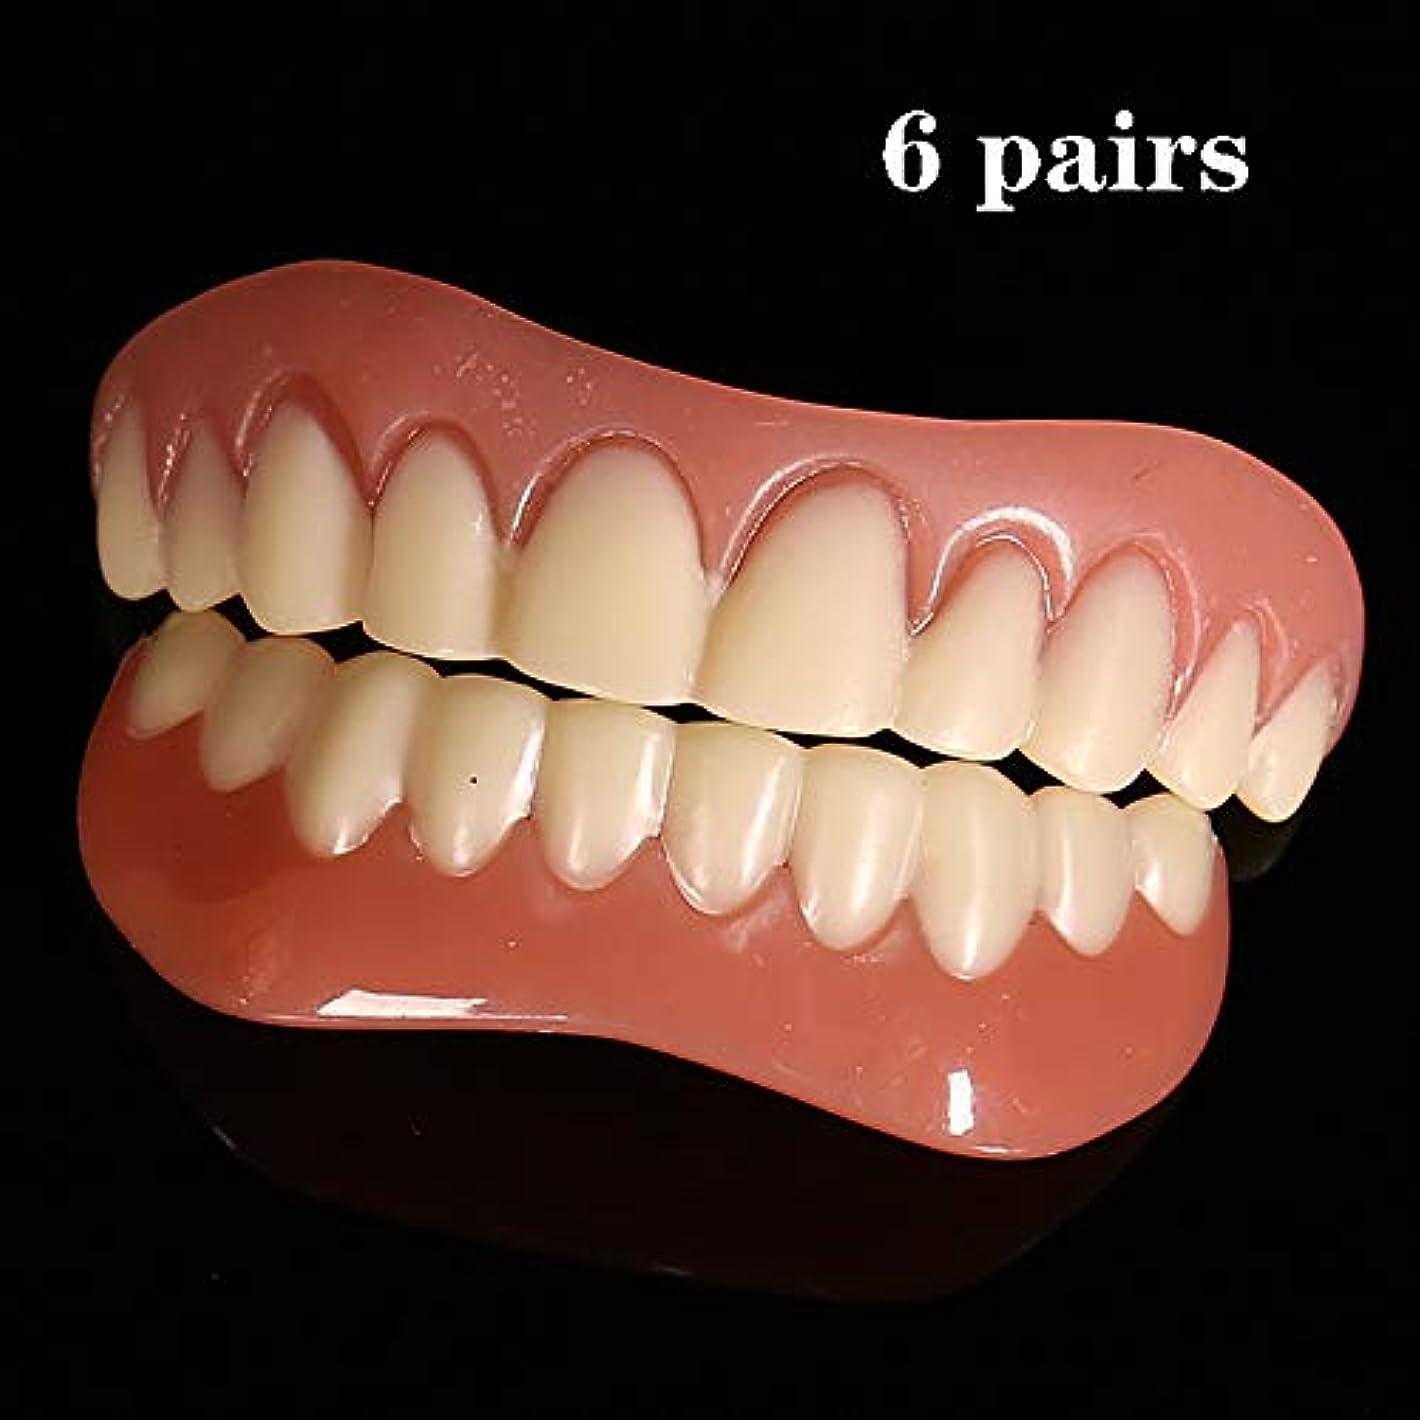 スキム上陸スポーツマン歯のベニヤ化粧品の歯スナップオンセキュア6ペア上下の快適さフィット歯のベニヤセキュアインスタントスマイル化粧品ワンサイズ全ての義歯ケアツールにフィット